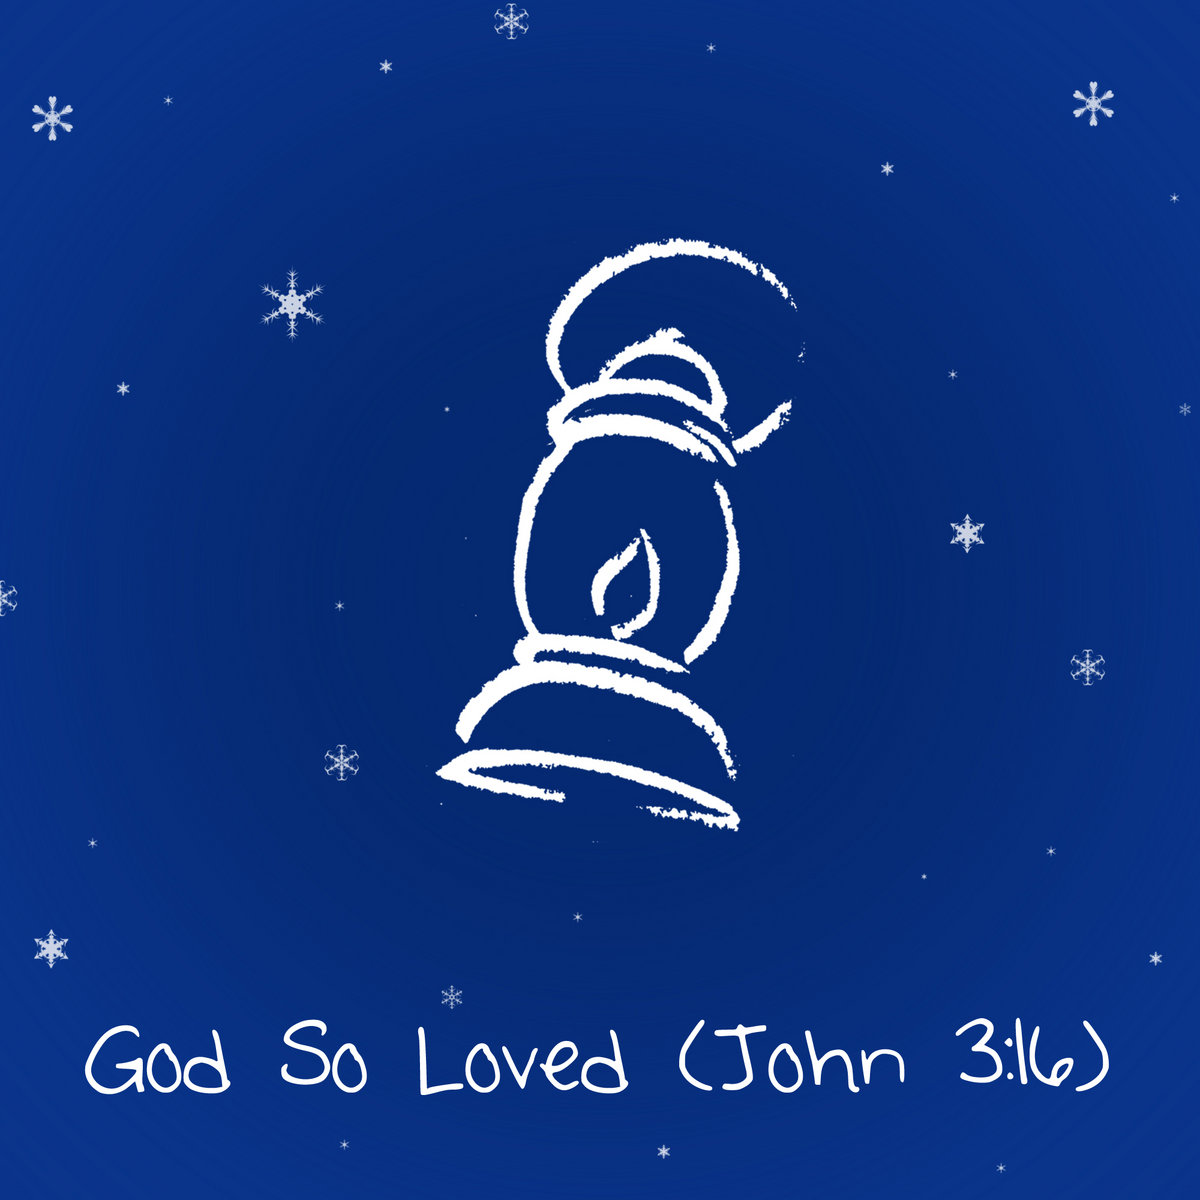 God So Loved (John 3:16)   Lantern Music